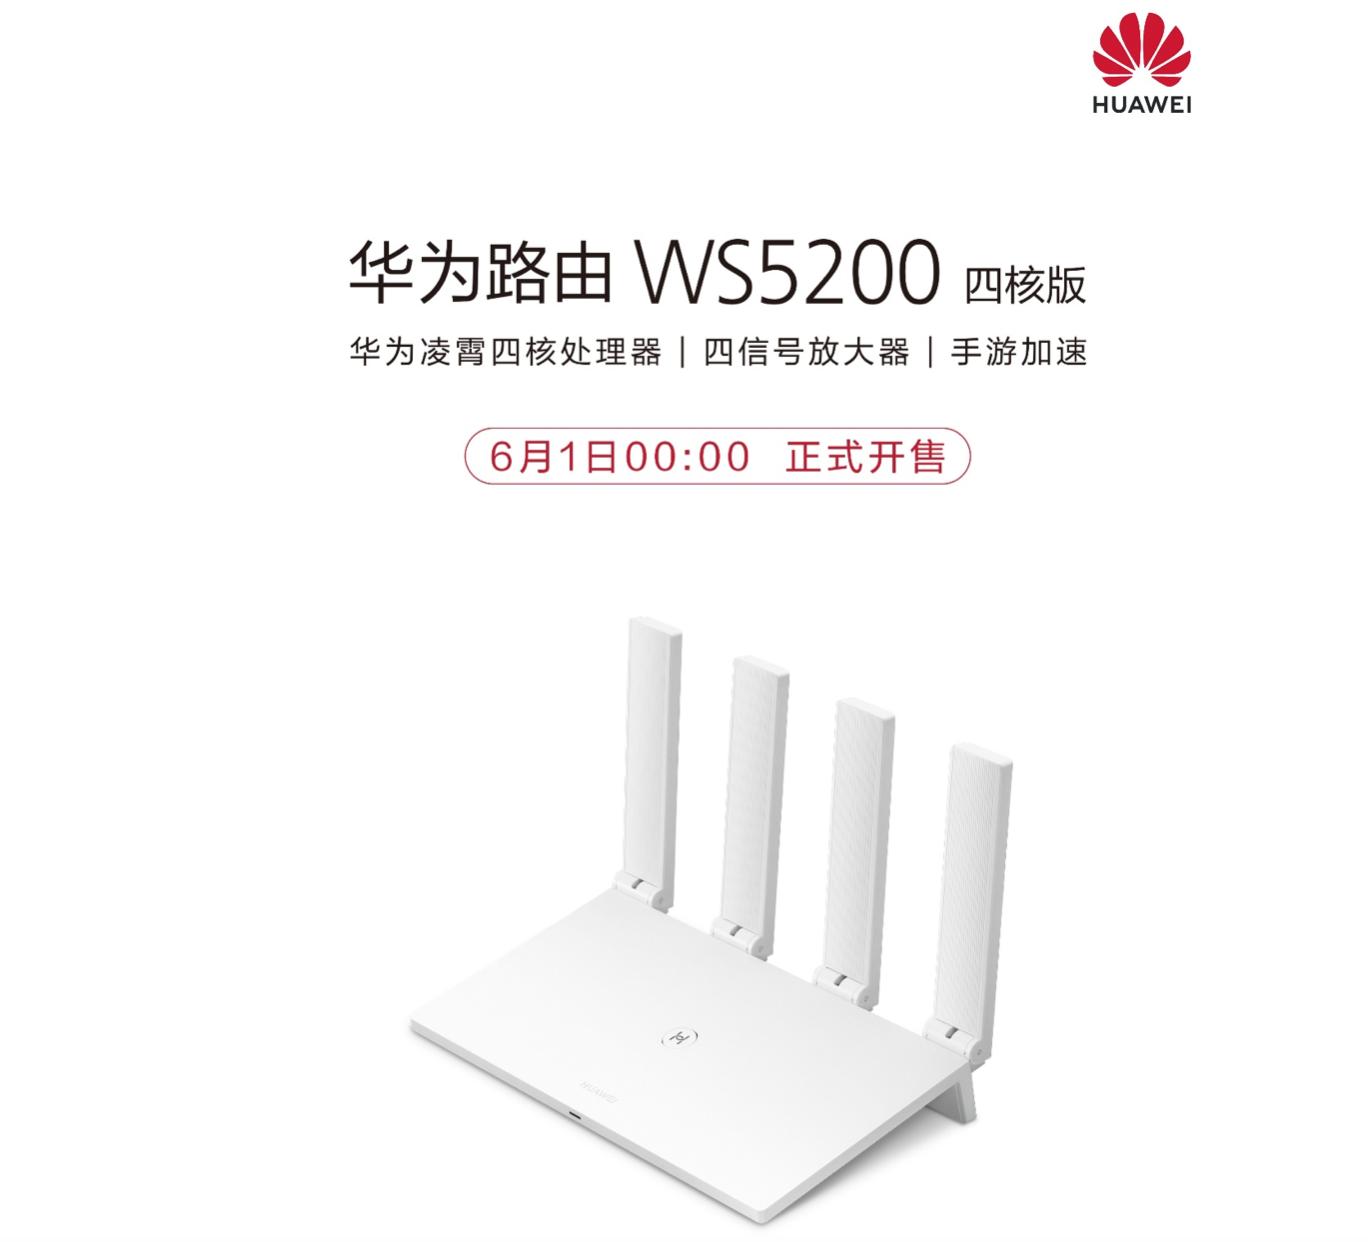 华为推出首款200元档四核游戏路由 搭载自研凌霄芯